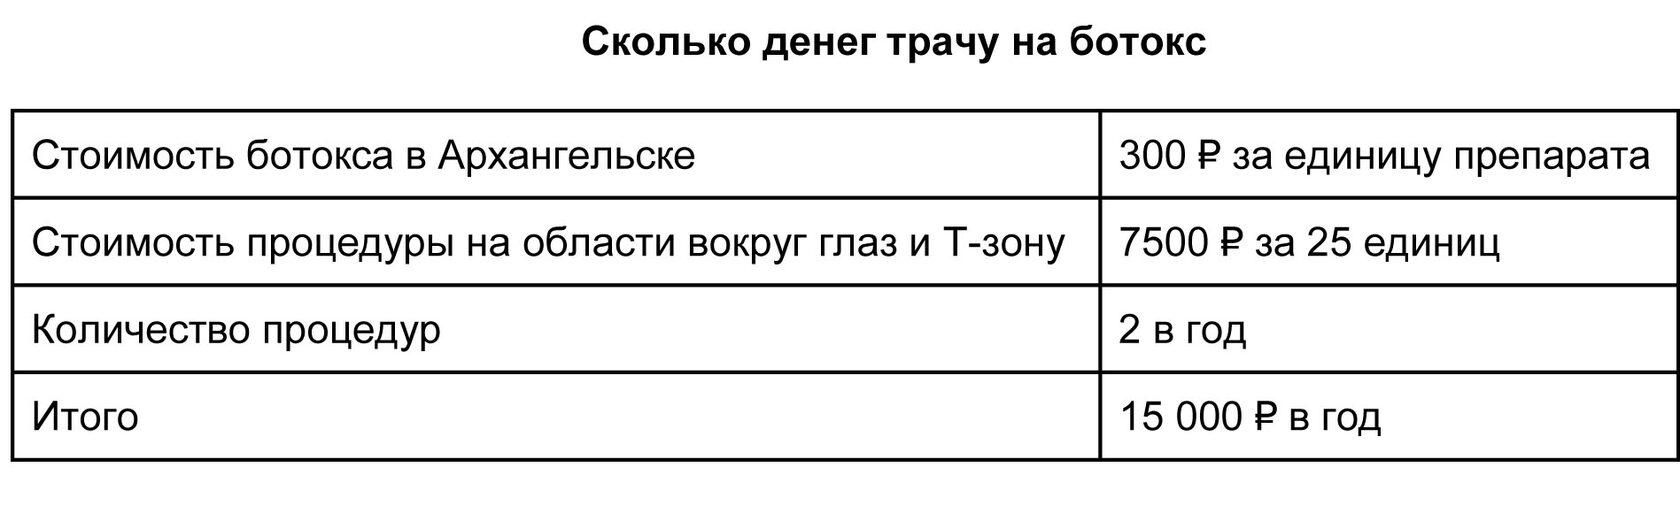 расходы на инъекции ботокса в Архангельске